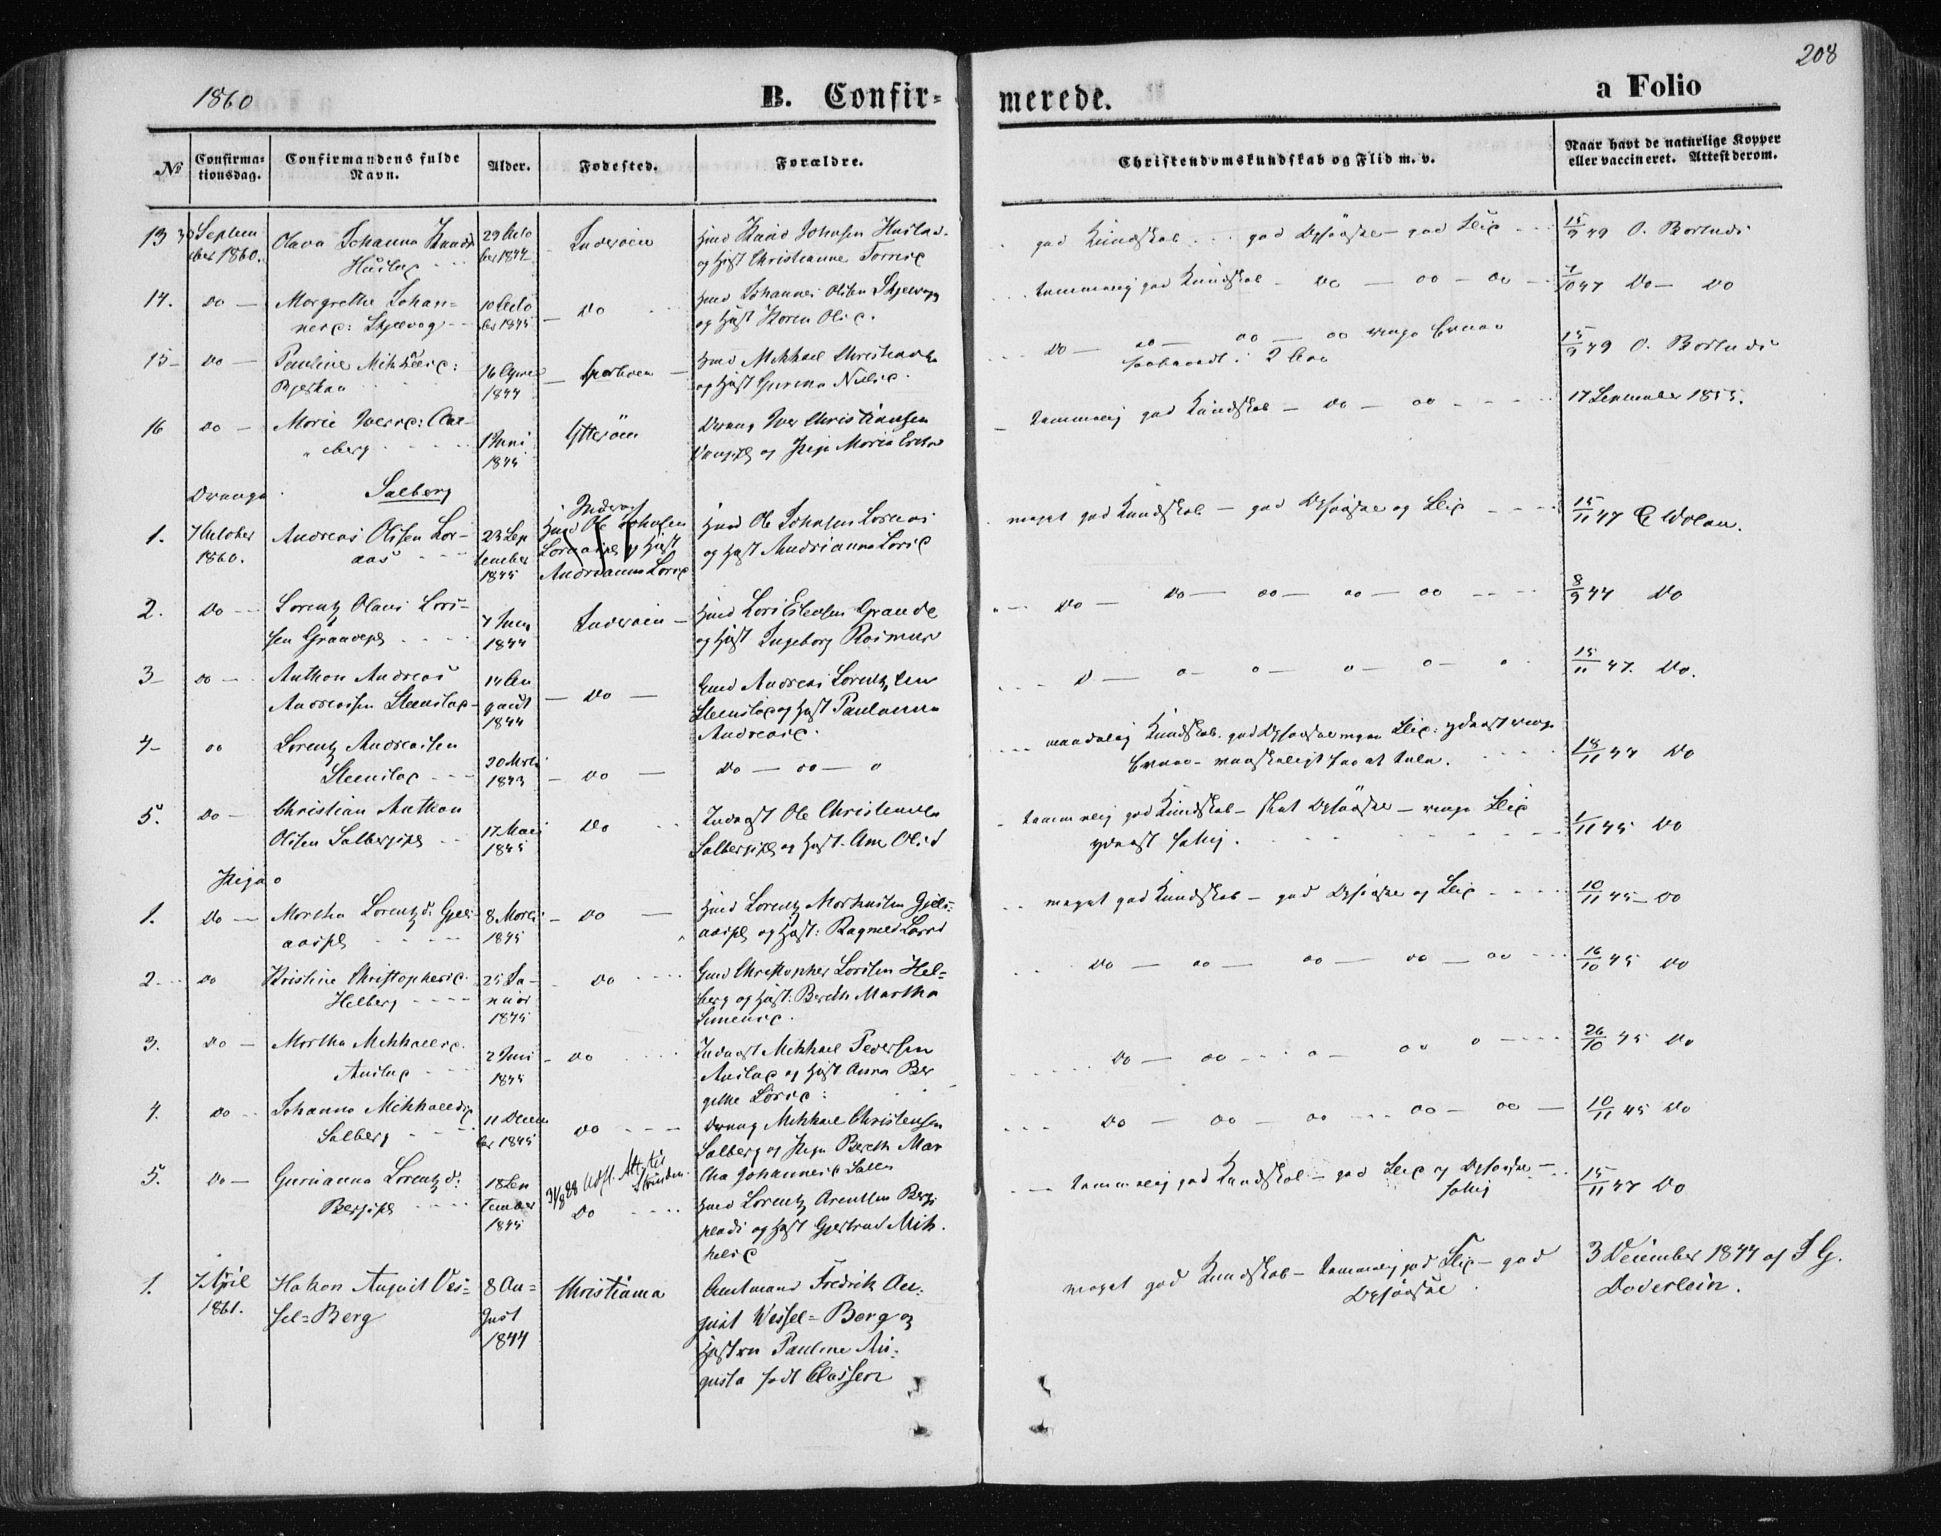 SAT, Ministerialprotokoller, klokkerbøker og fødselsregistre - Nord-Trøndelag, 730/L0283: Ministerialbok nr. 730A08, 1855-1865, s. 208